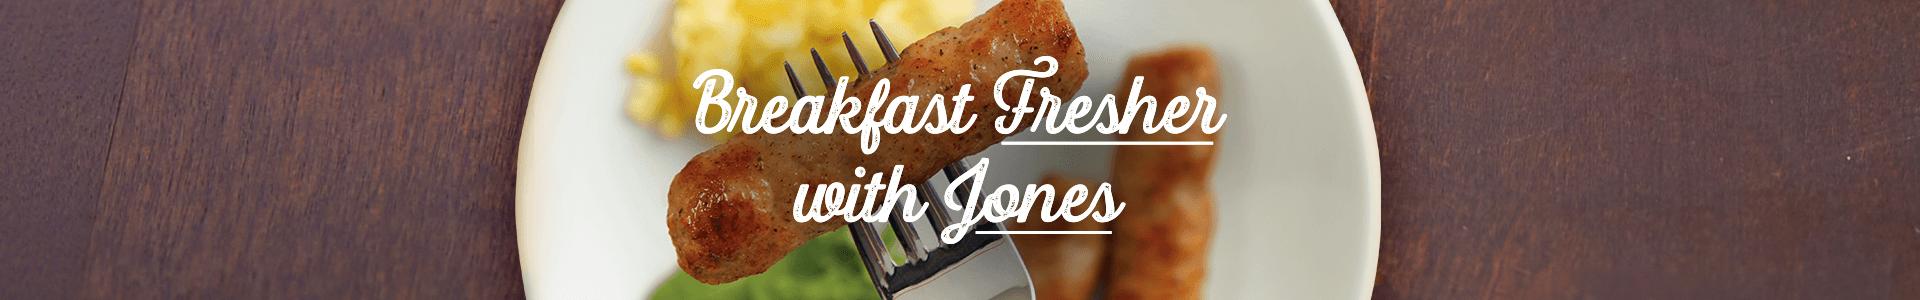 Breakfast Better With Jones